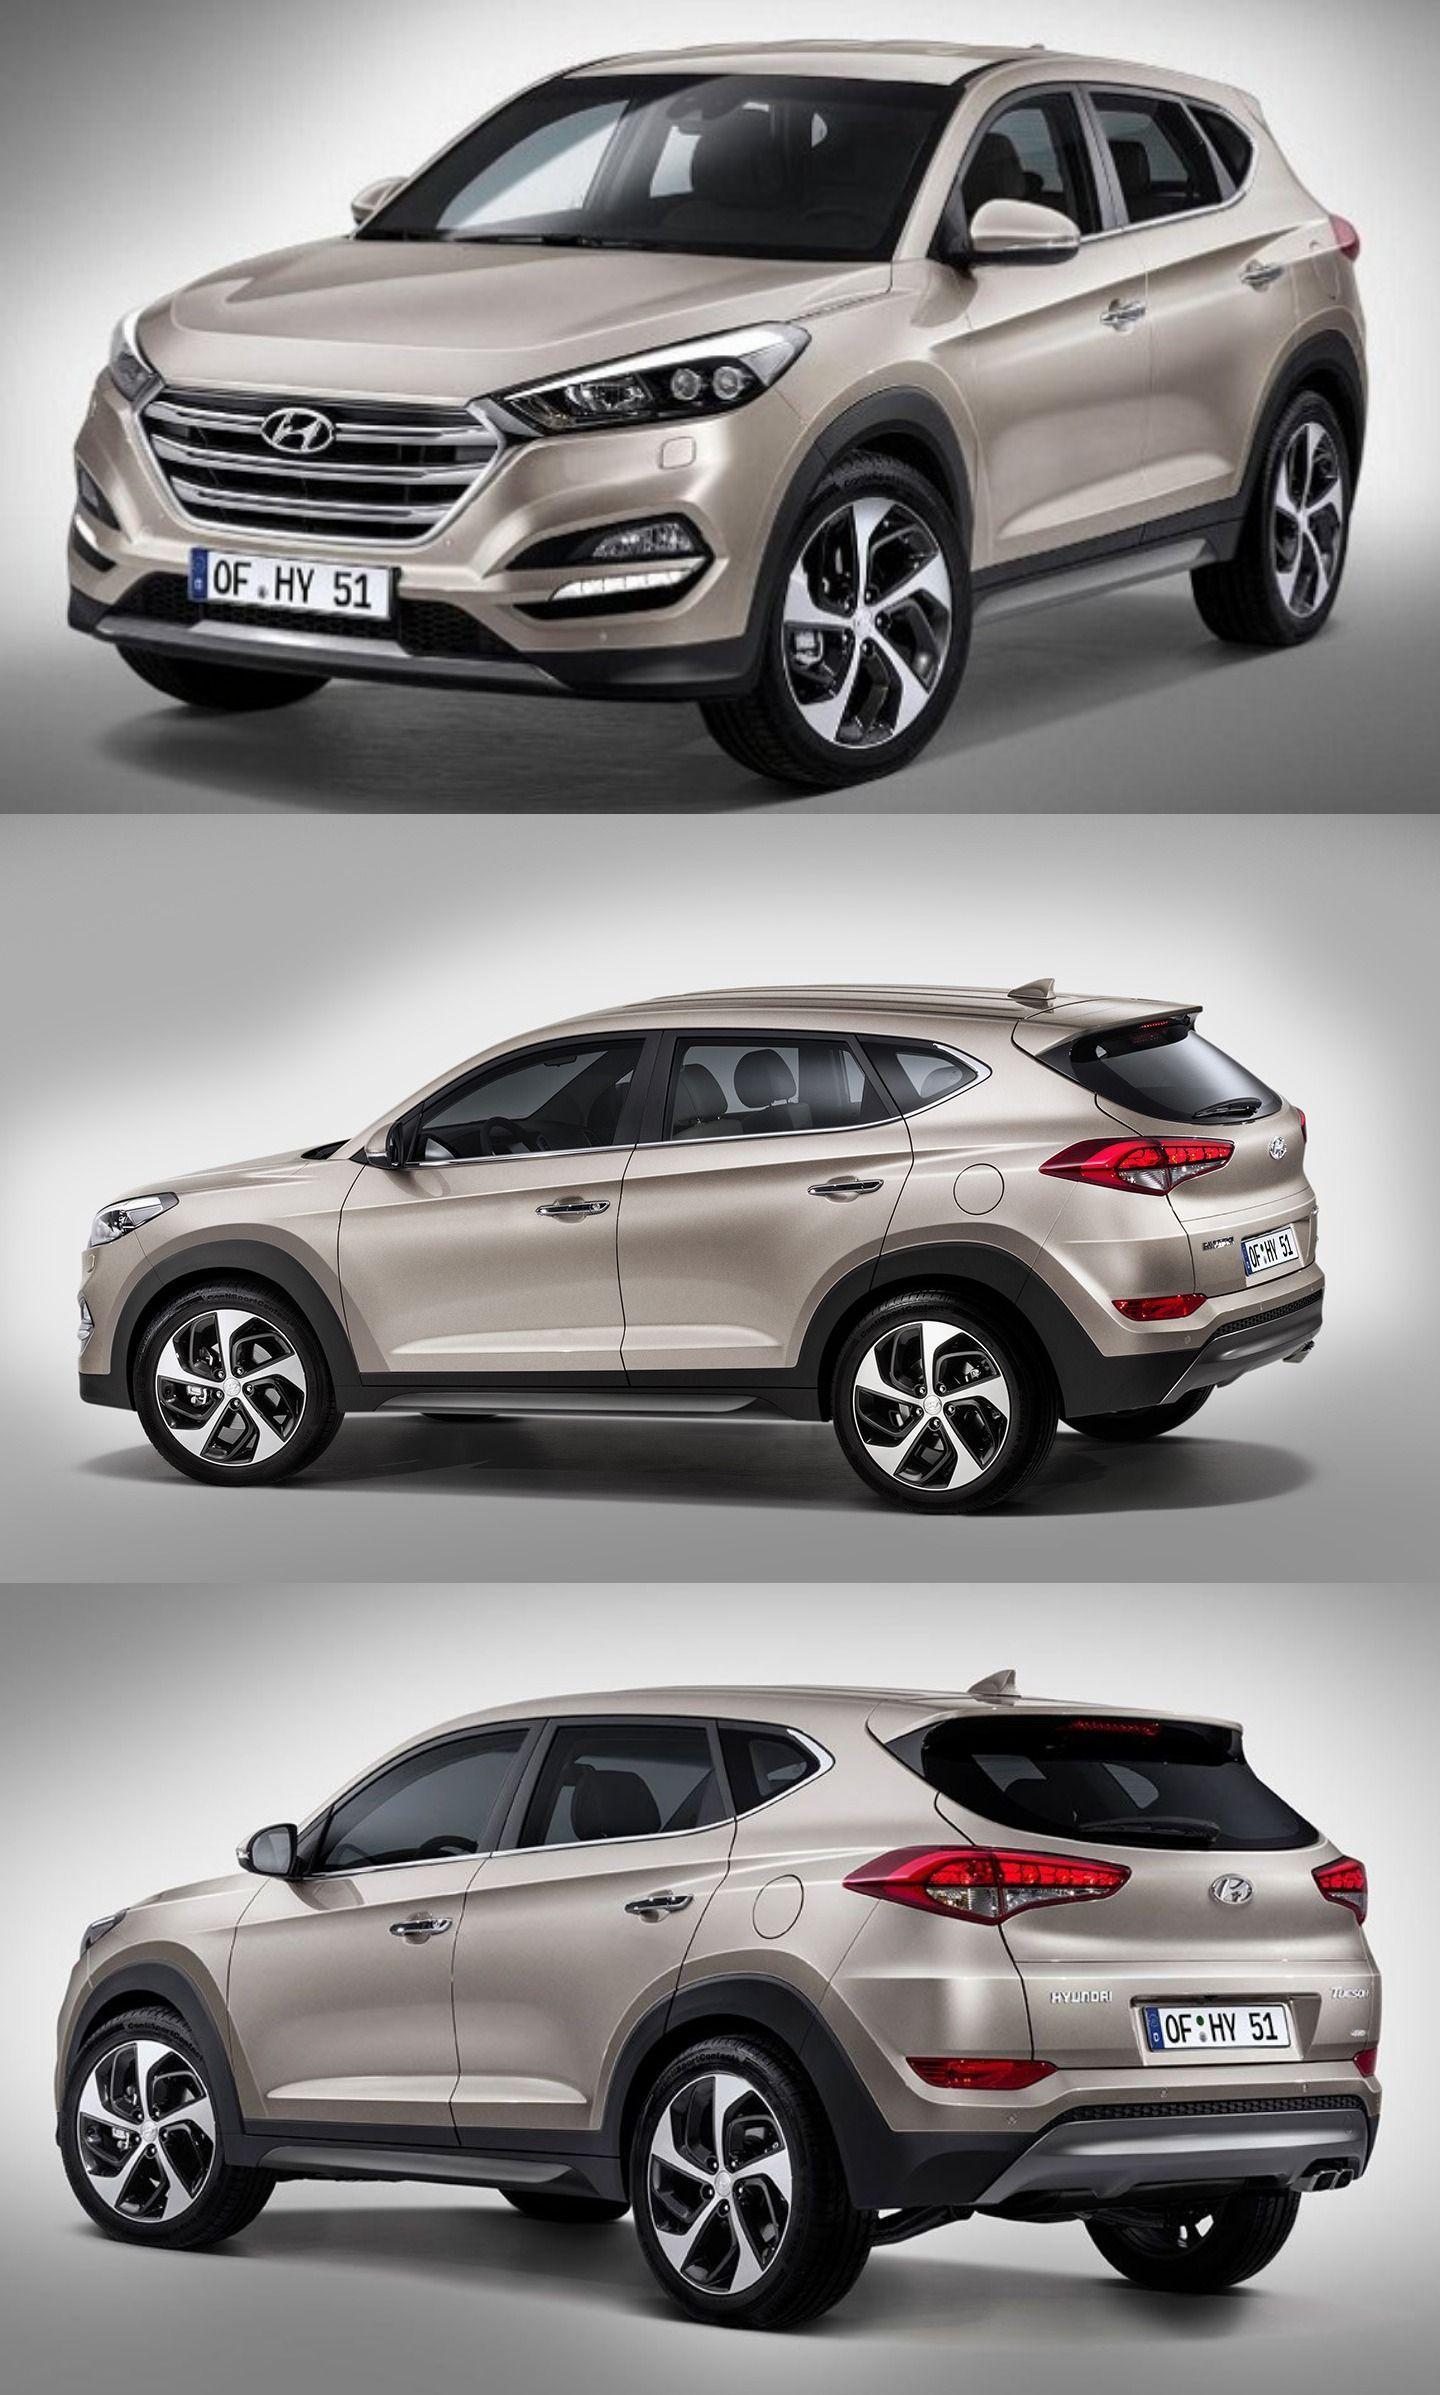 Hyundai Suv Models Suv cars, Hyundai cars, Hyundai suv